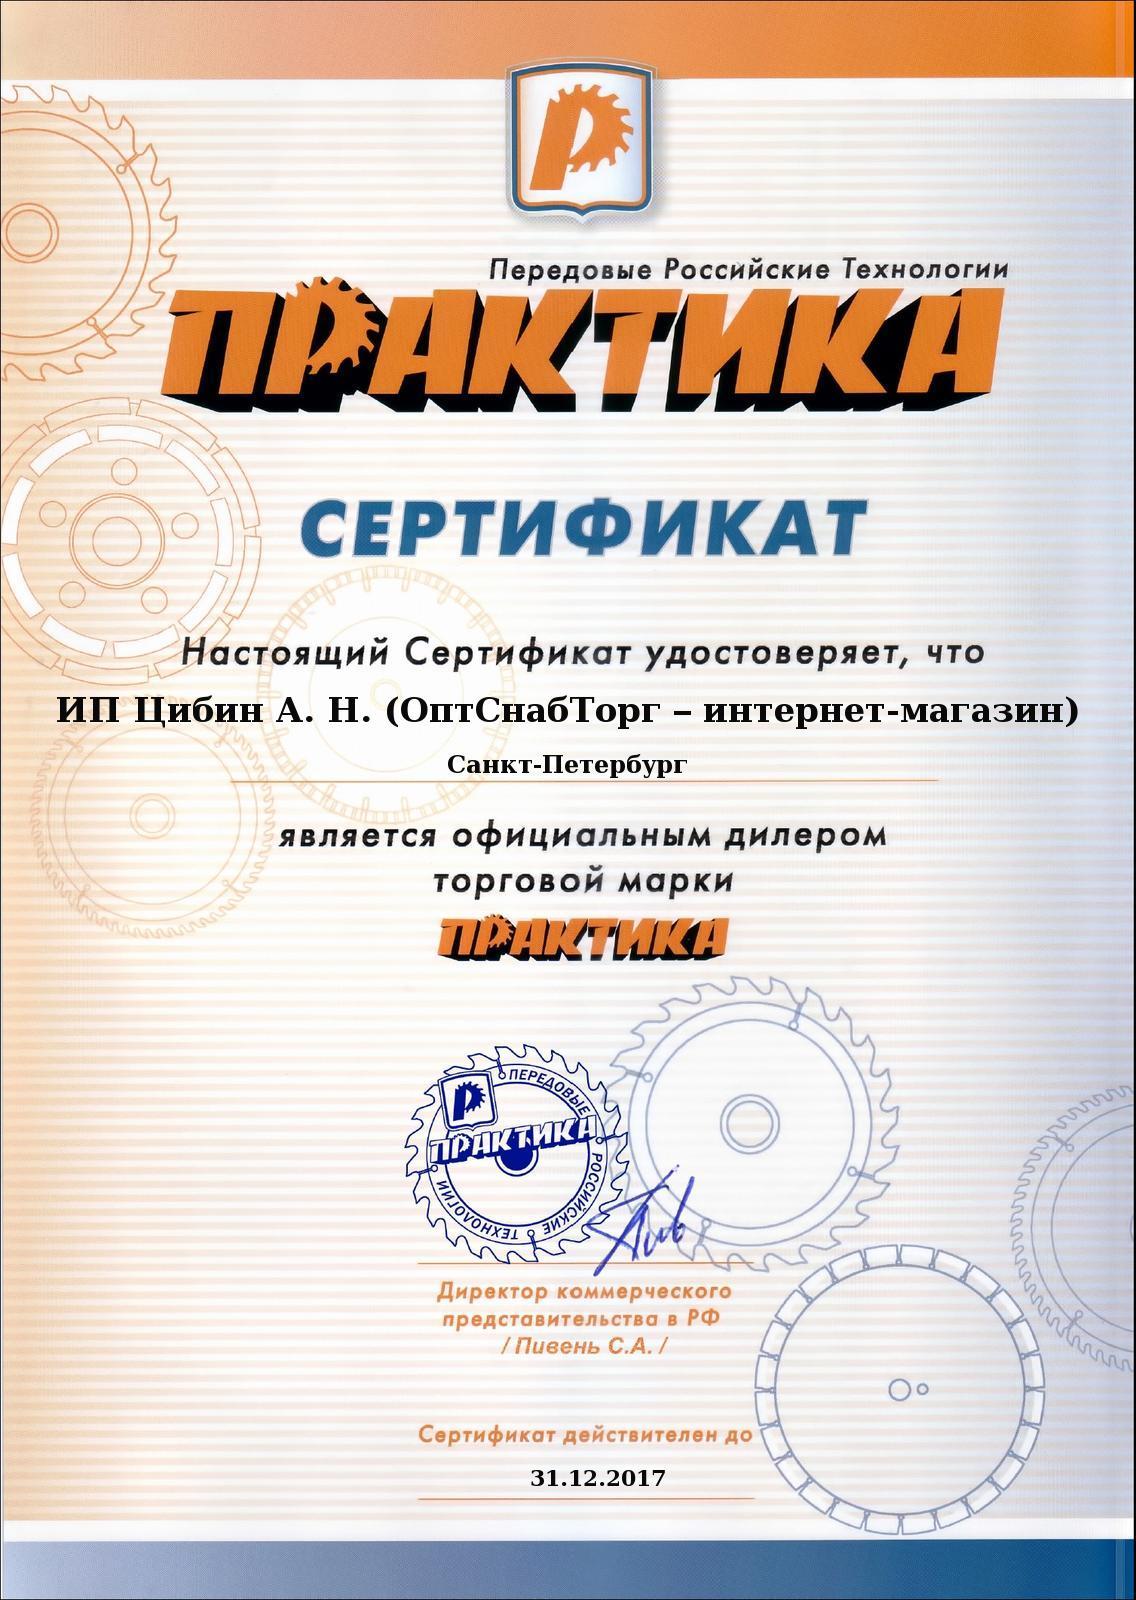 ОптСнабТорг является официальным дилером торговой марки ПРАКТИКА на территории Российской федерации